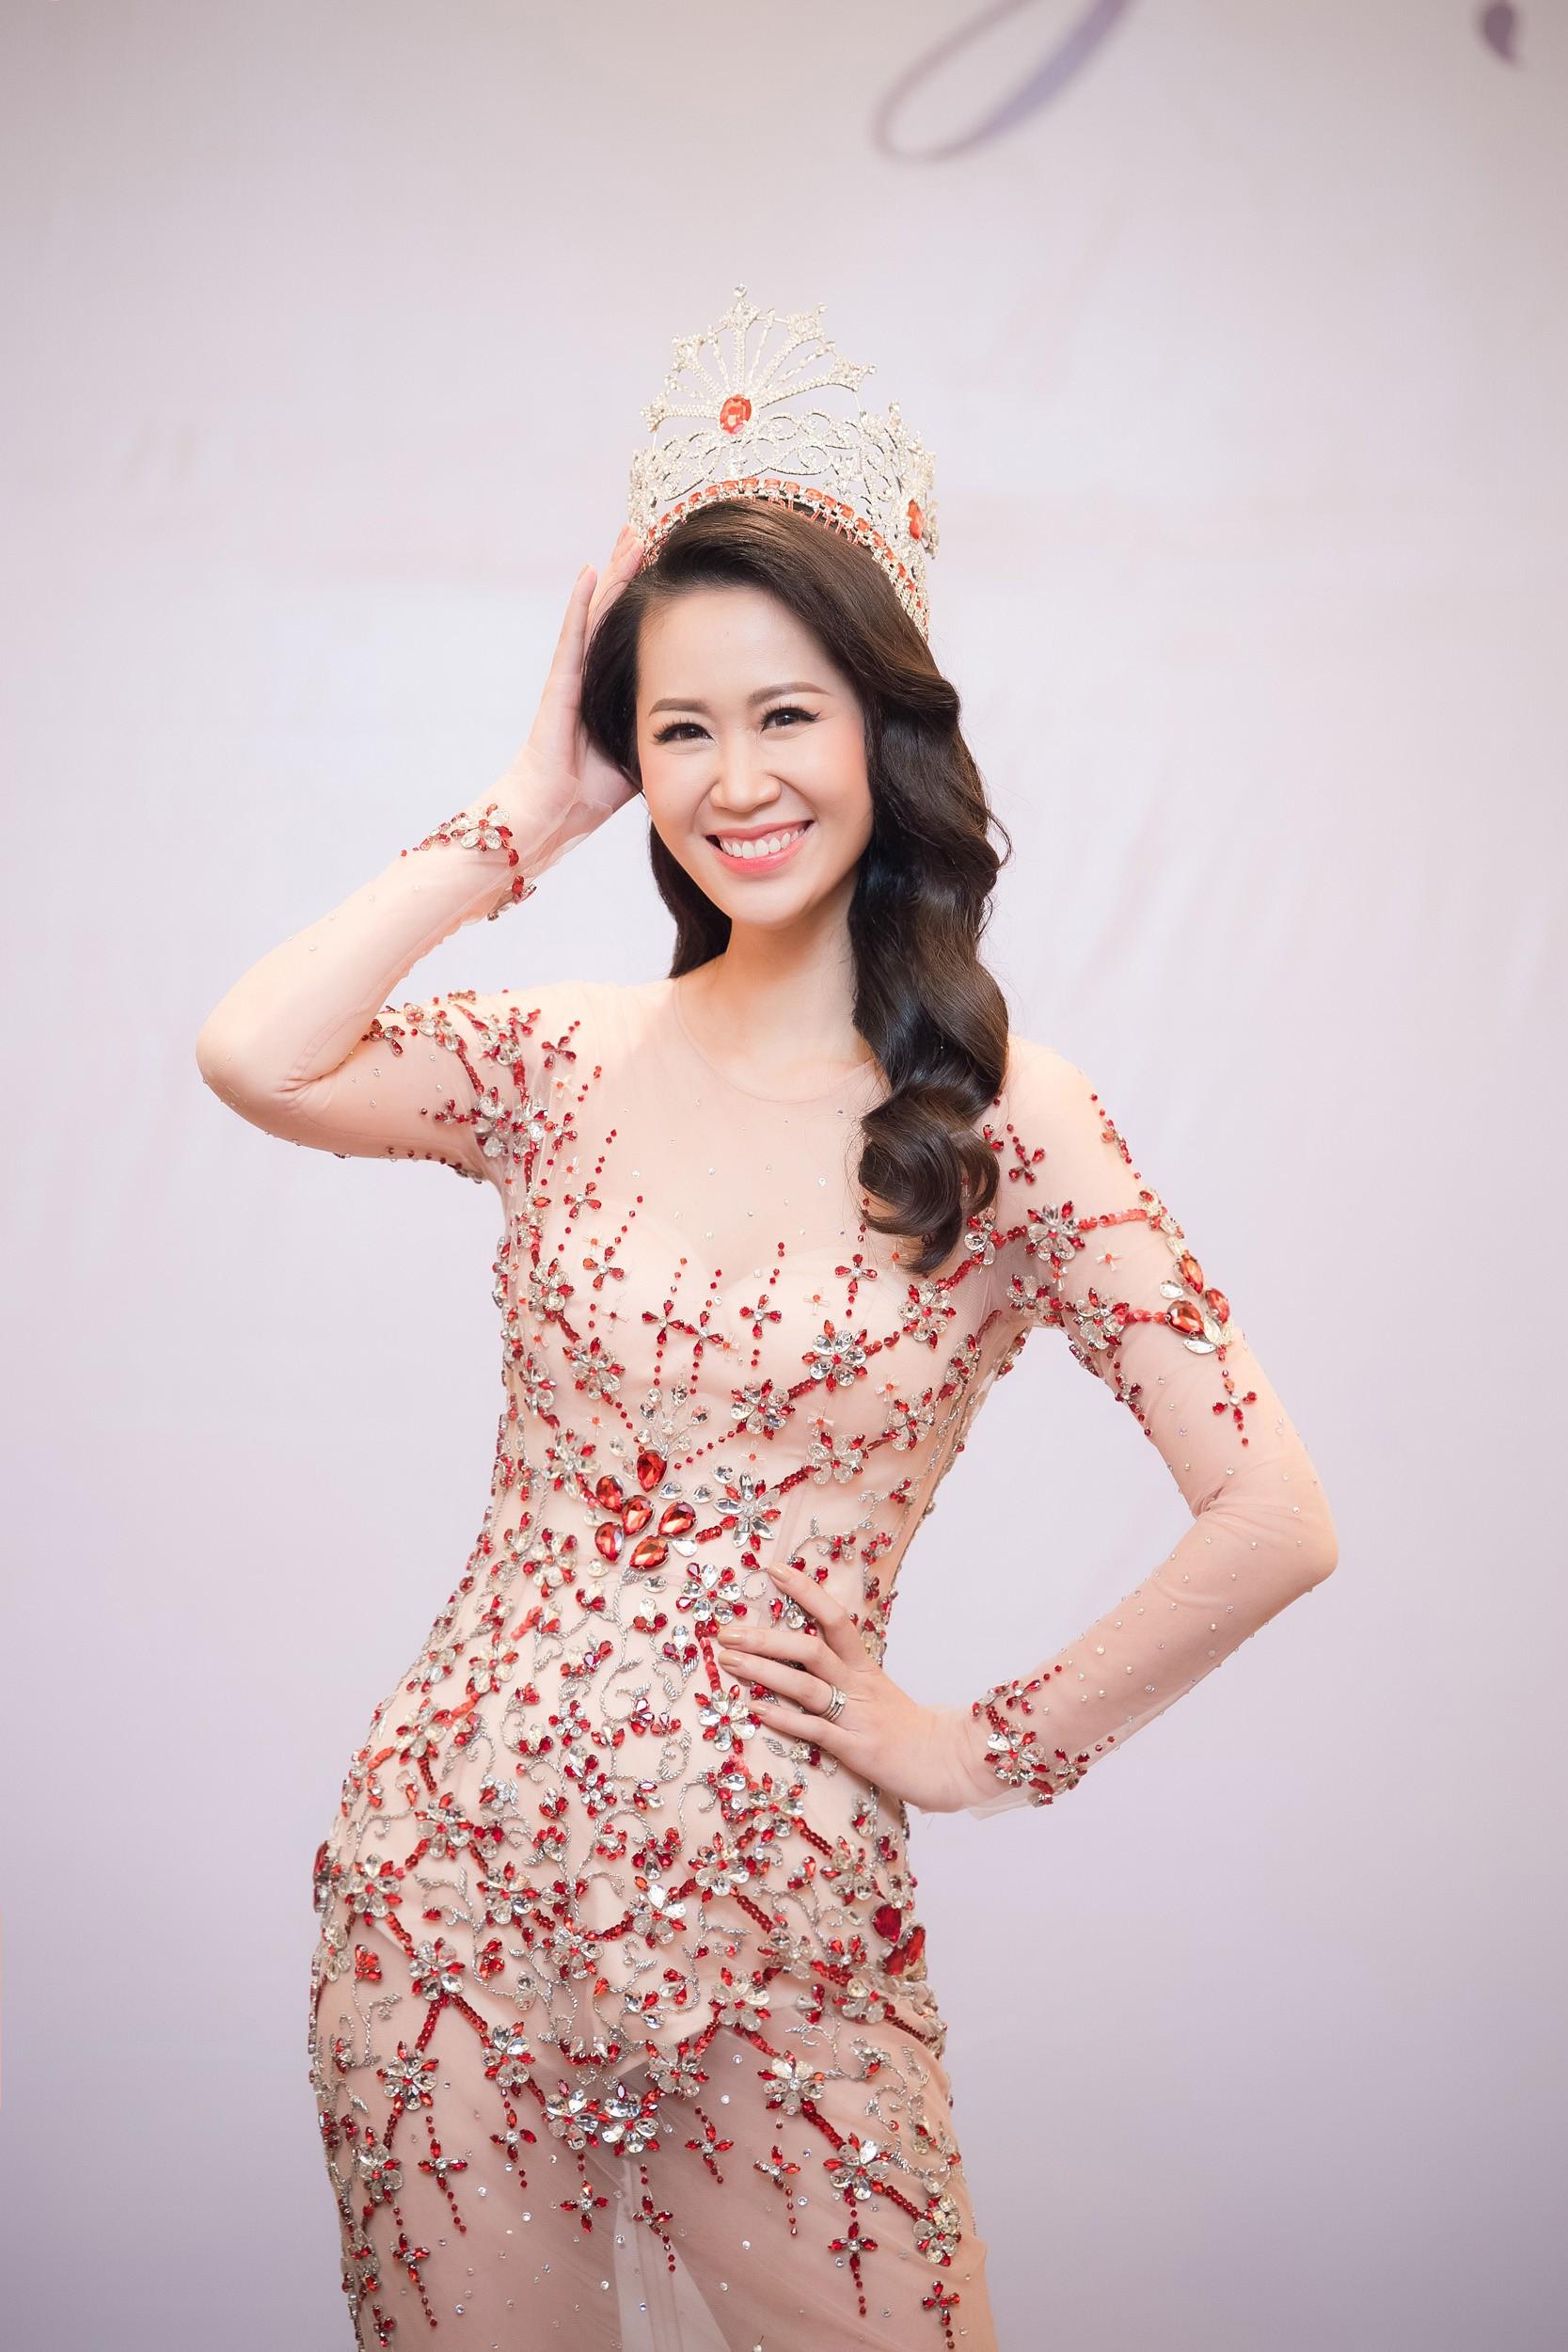 Dương Thùy Linh kể về cái ôm sau cánh gà trước khi được xướng tên Hoa hậu Quý bà toàn thế giới 2018 - Ảnh 3.